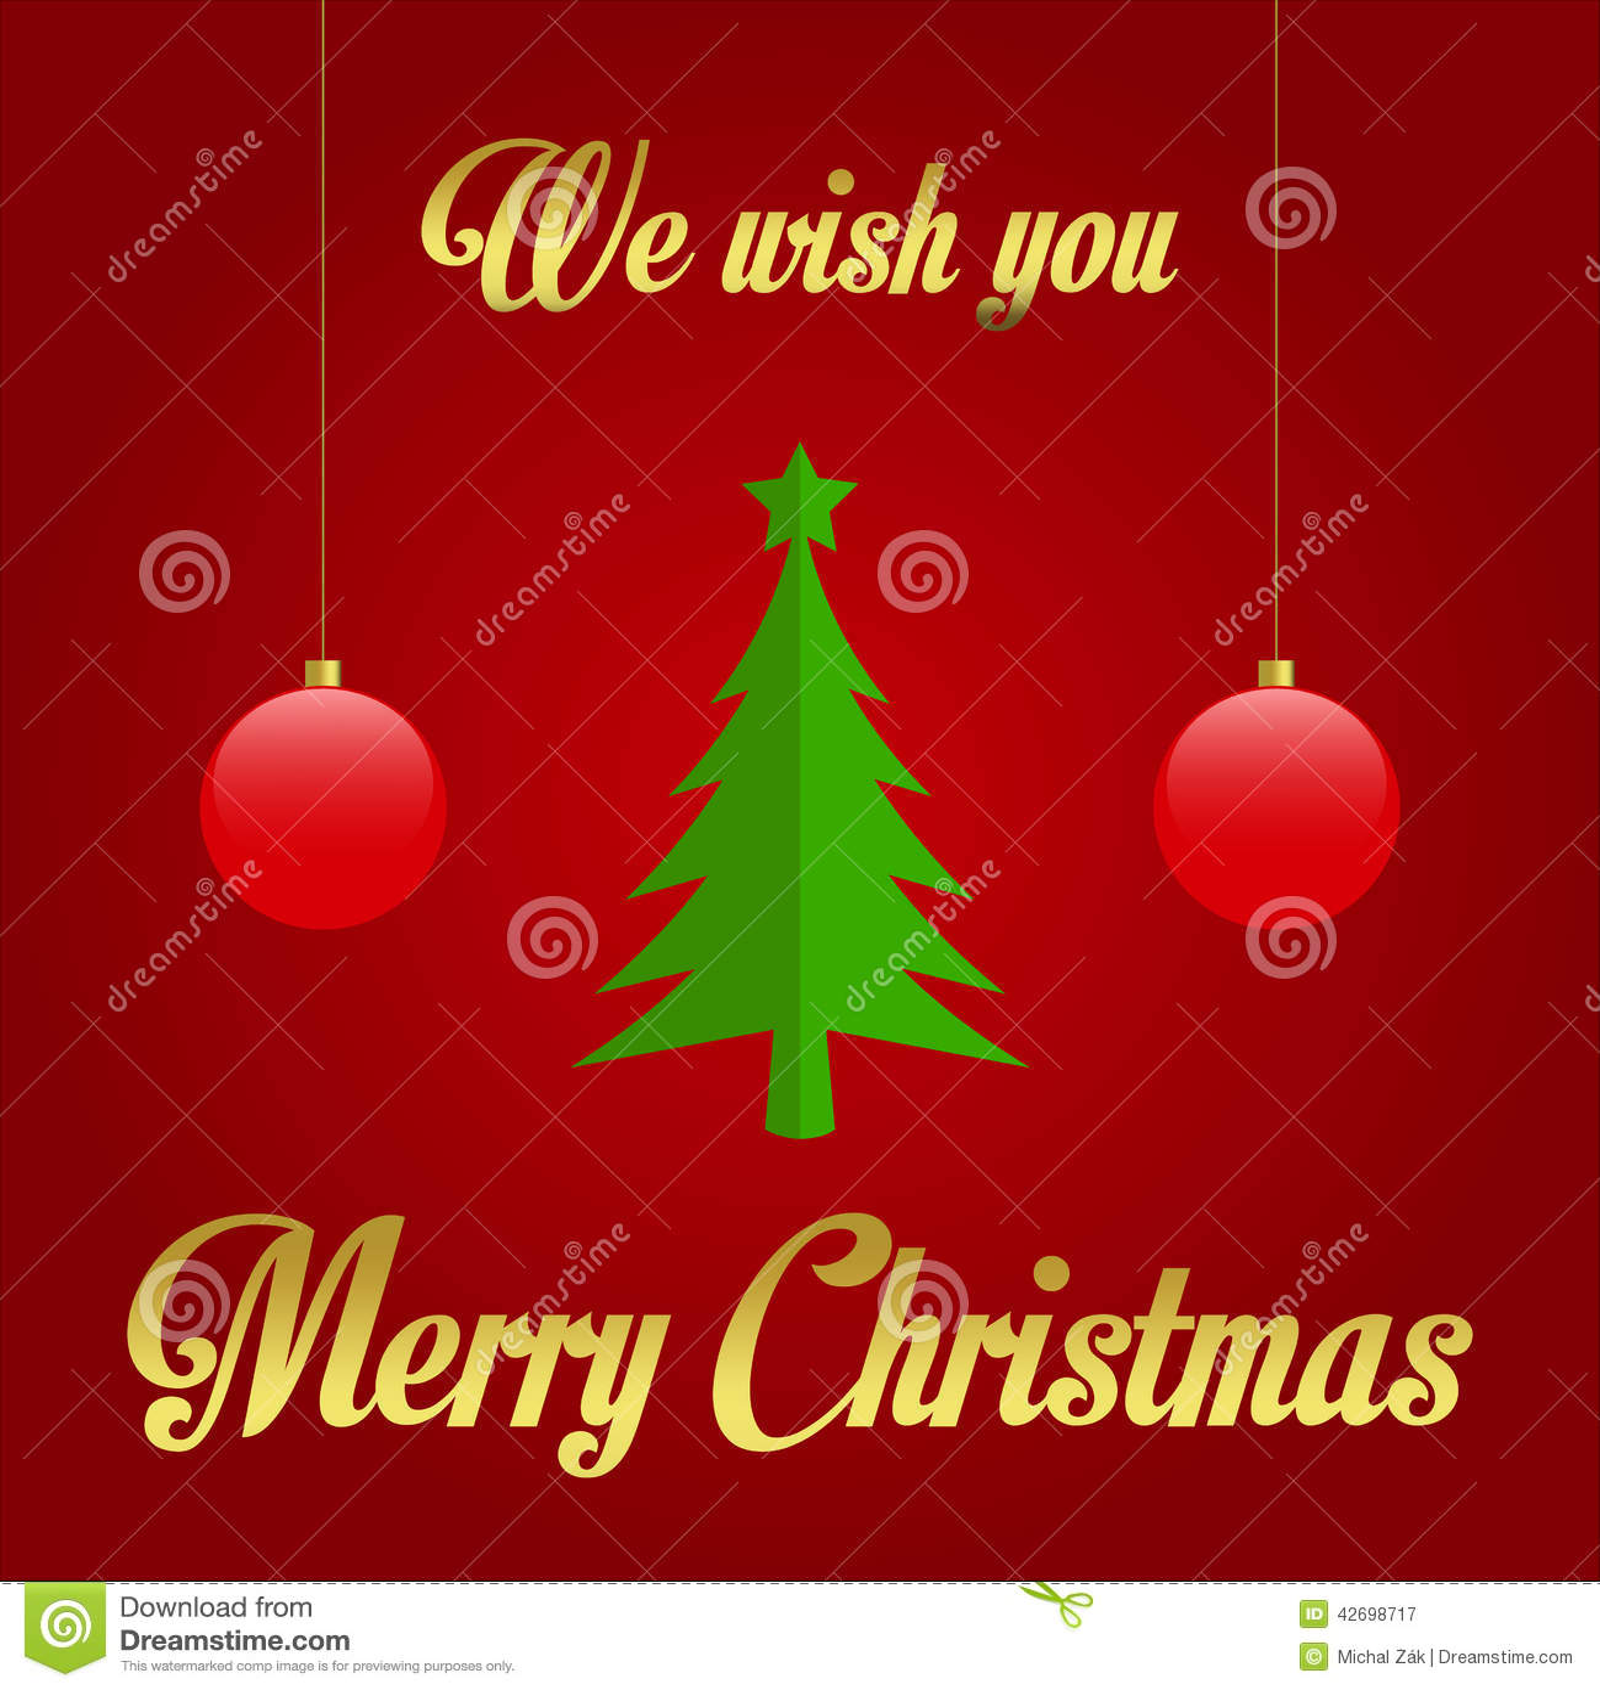 Wir Wünschen Ihnen Frohe Weihnachten - Illustration Vektor Abbildung ...